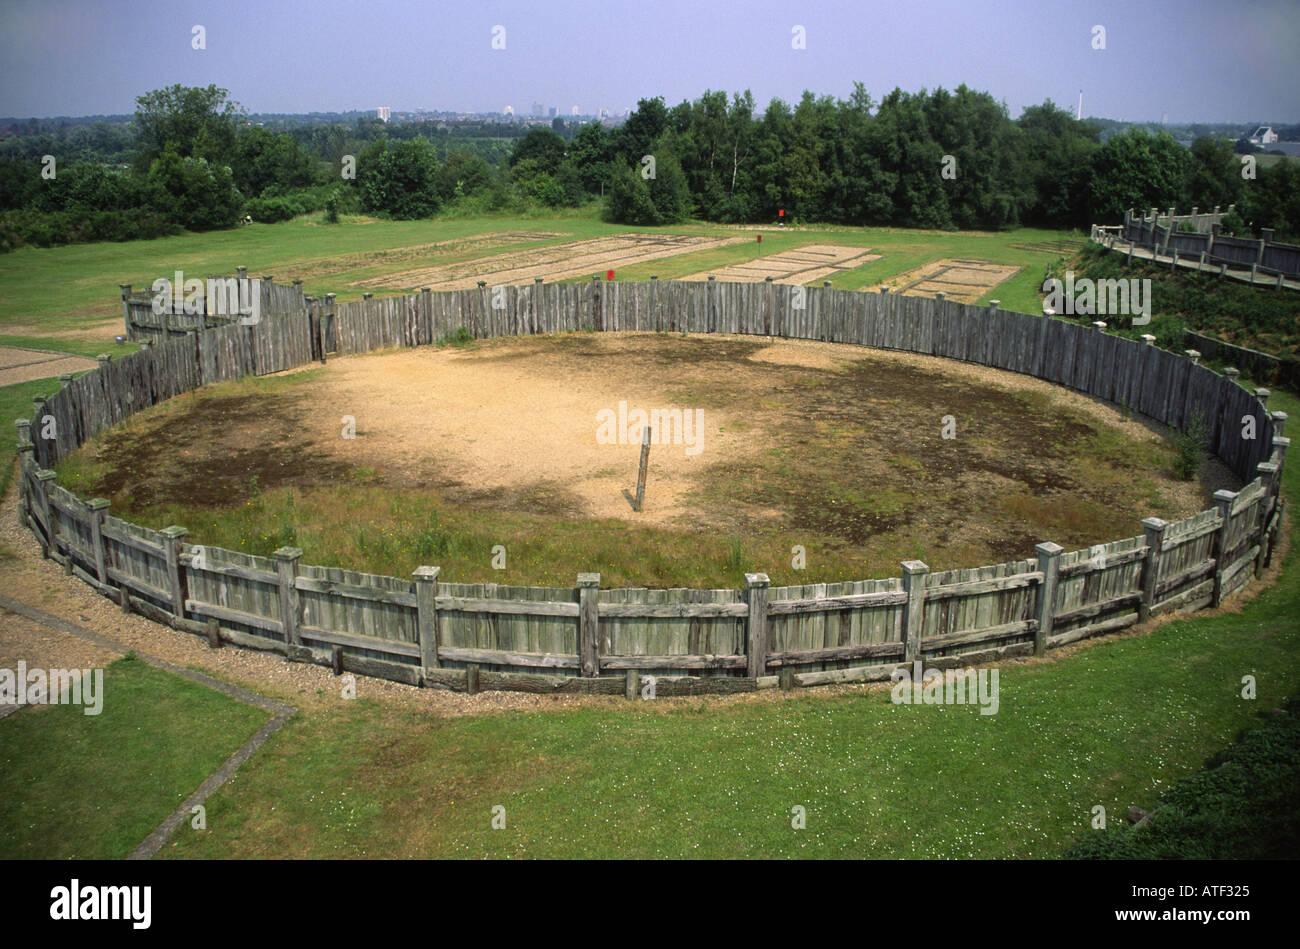 Réplique du gyrus romain à l'anneau d'entraînement des chevaux Lunt Fort à Baginton près de Coventry England UK Photo Stock